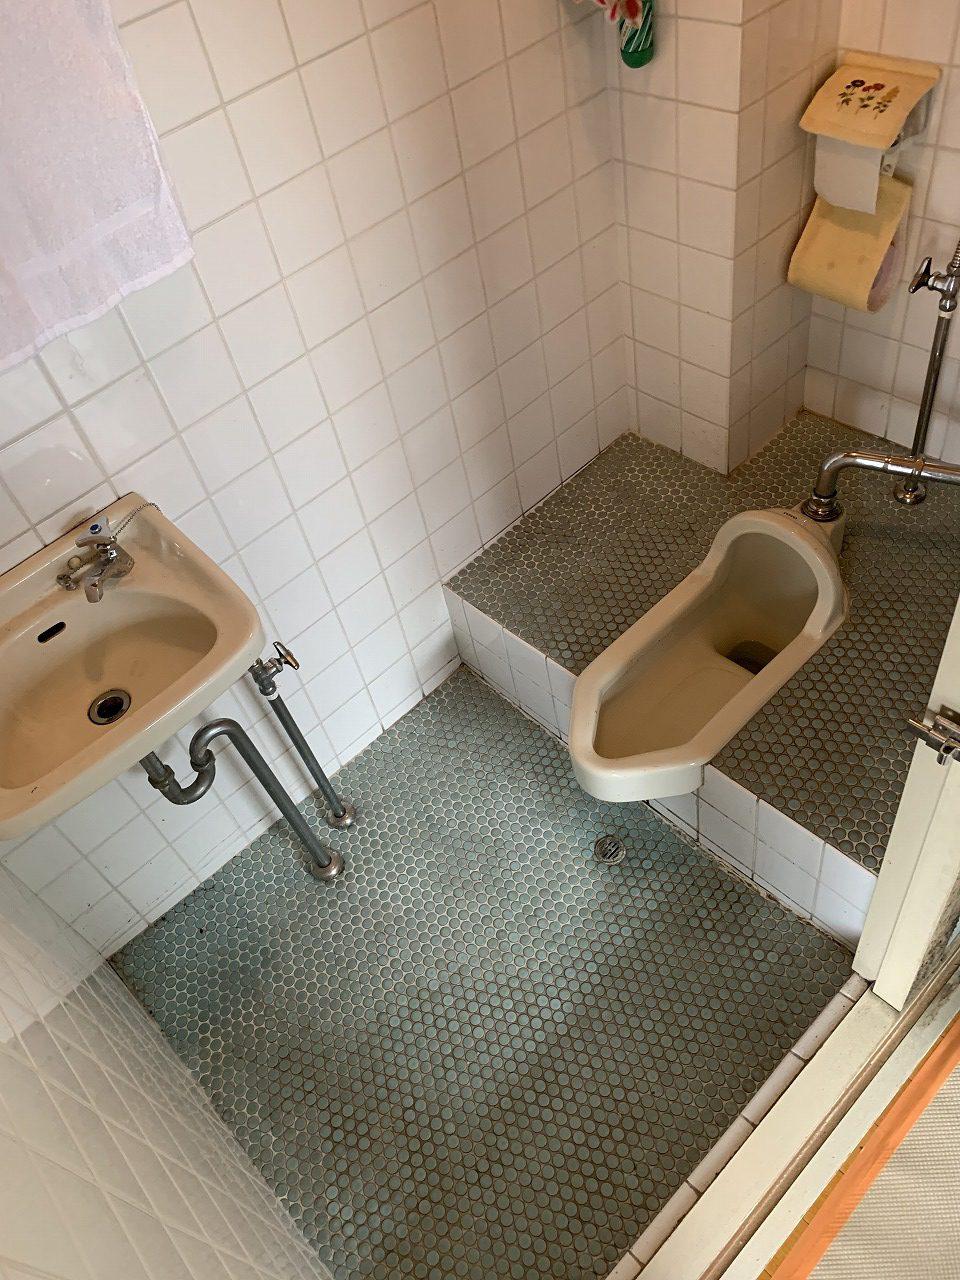 姫路市 トイレ和式→洋式